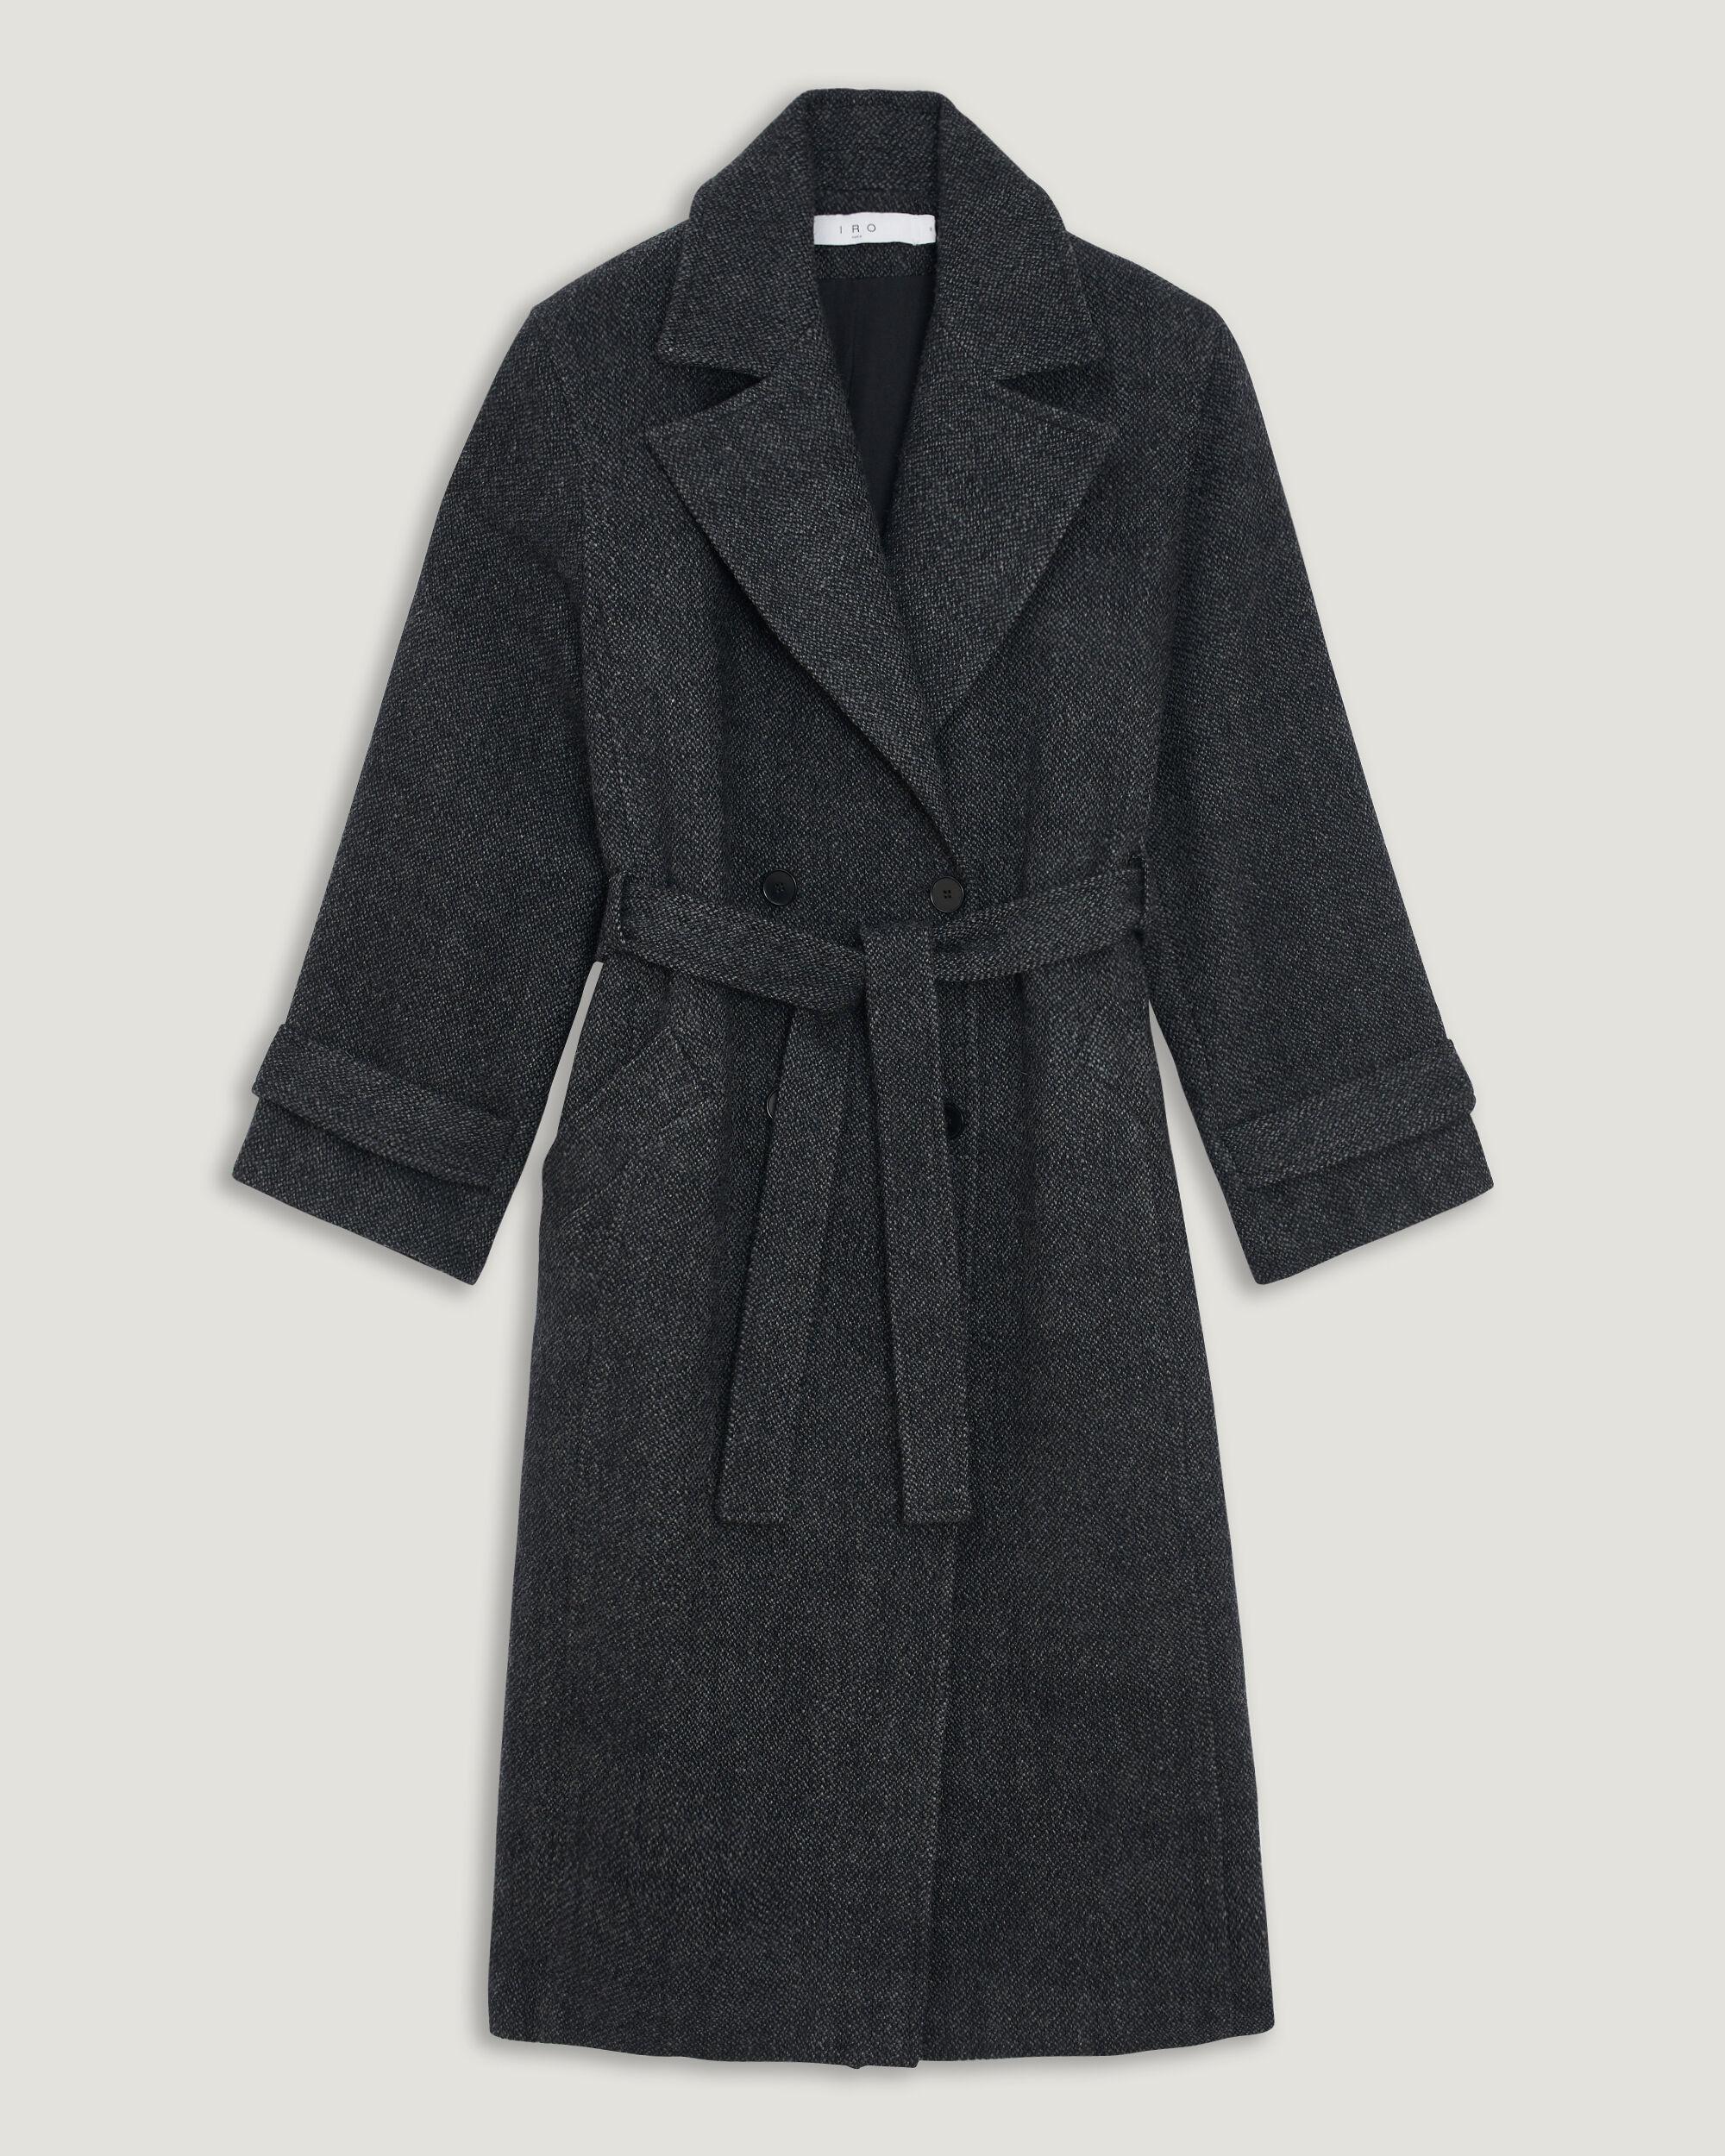 이로 트렌치 코트 IRO VIBI LONG BELTED WOOL TRENCH COAT,BLACK/GREY